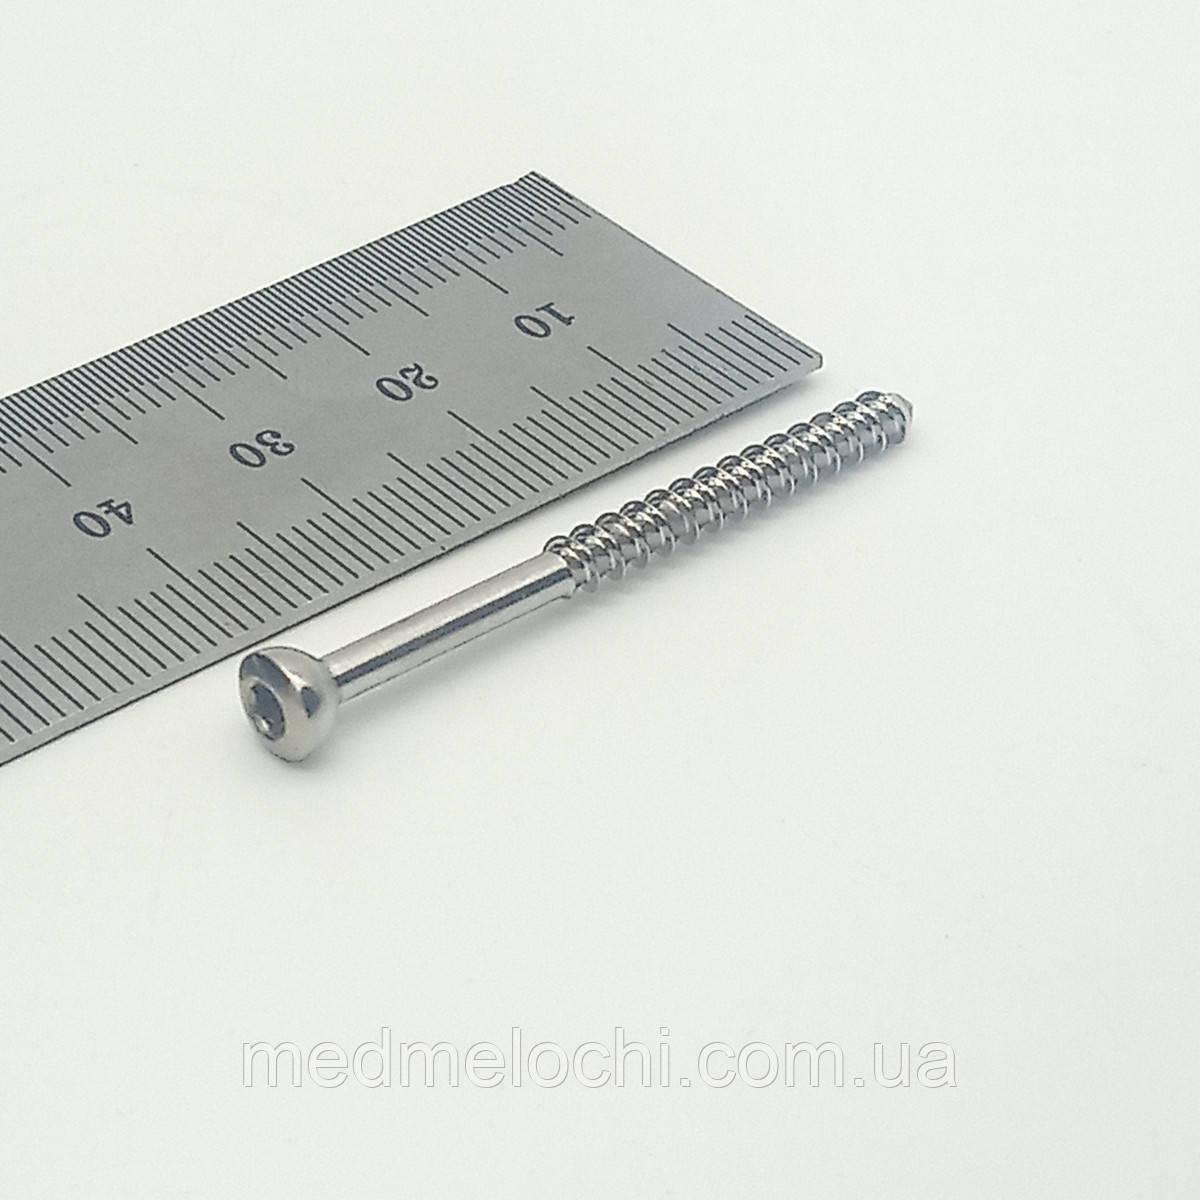 Гвинт малеолярний малий D=3,5мм, 45мм